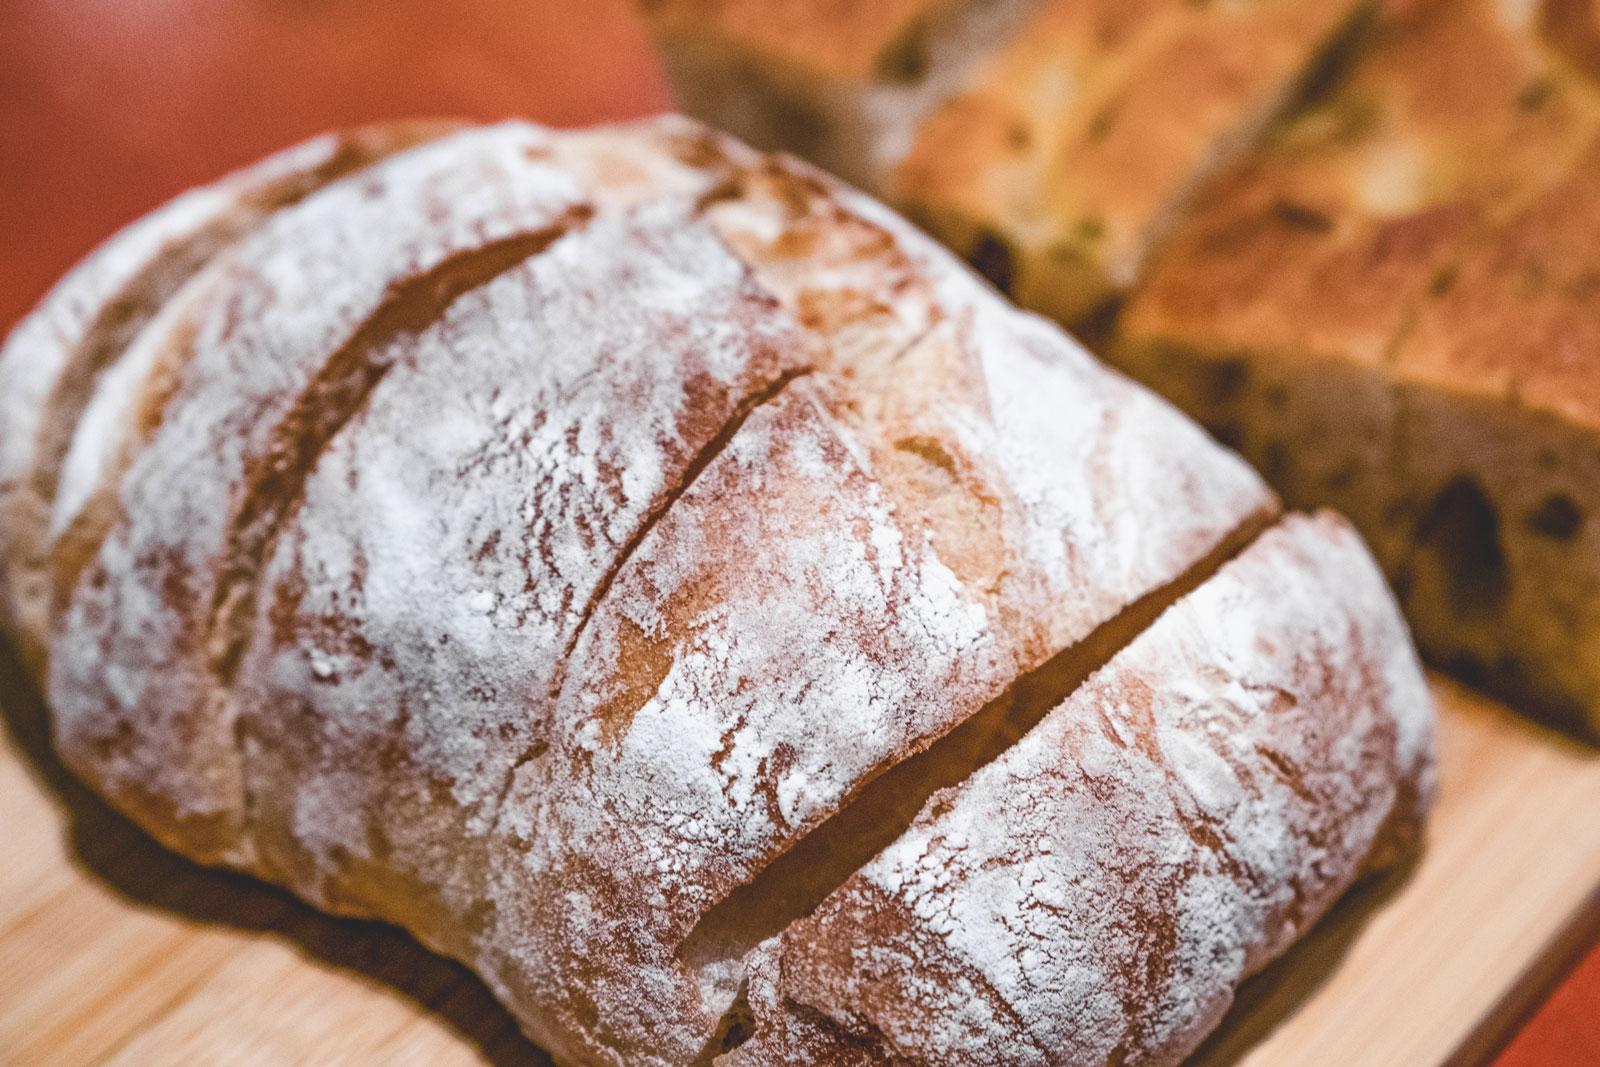 A fresh loaf of Irish soda bread.